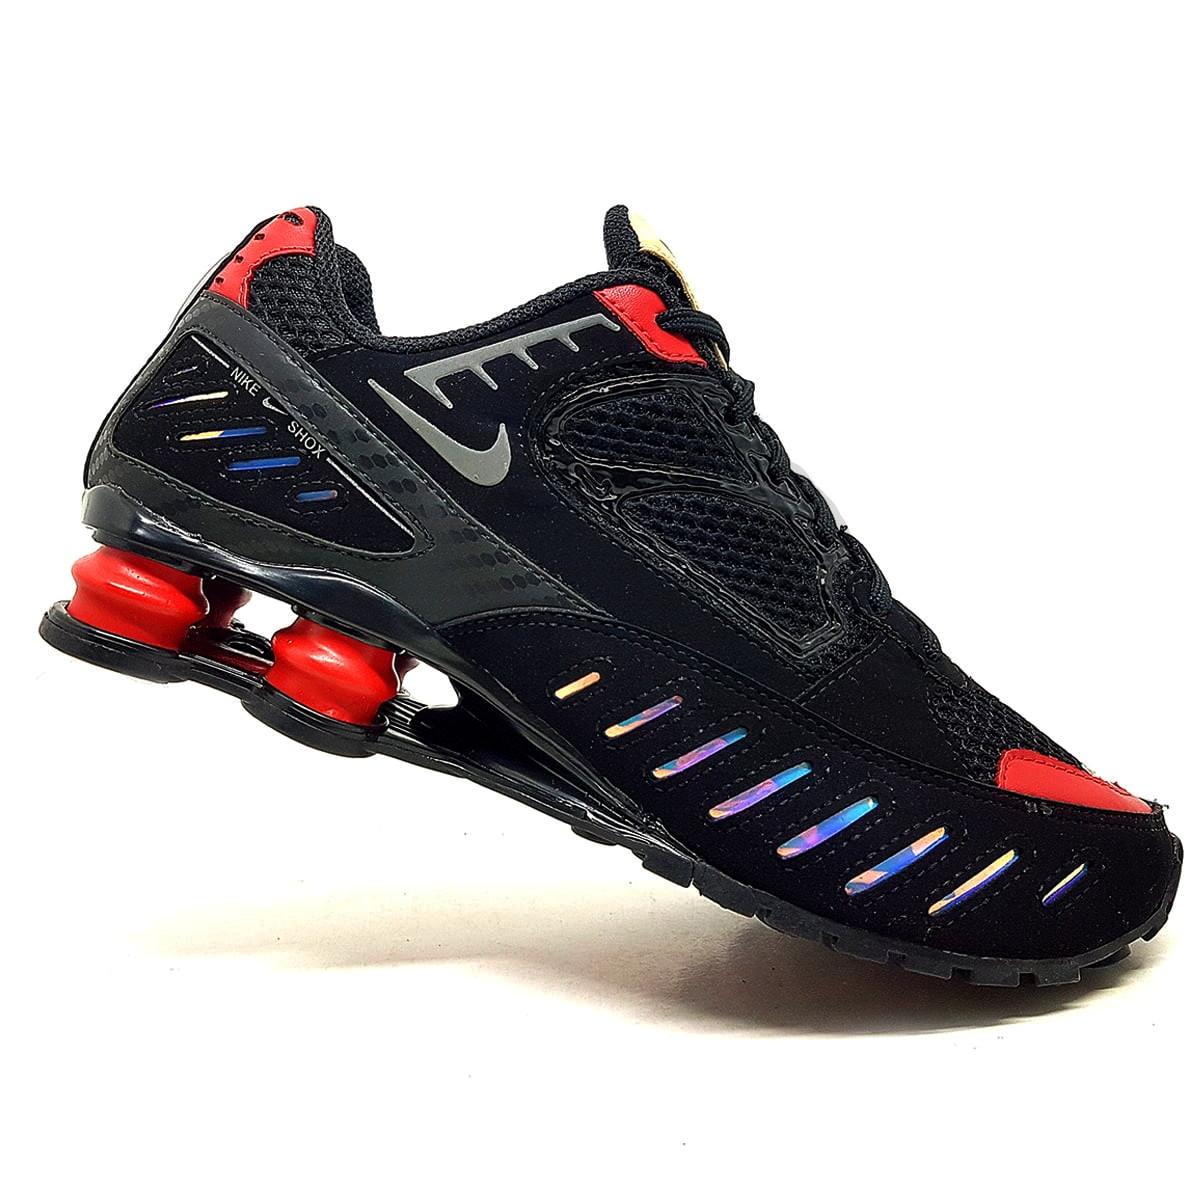 Persona Metáfora Eliminar  Nike Shox Enigma 9000 no Elo7 | Bacco Shoes (1320C98)